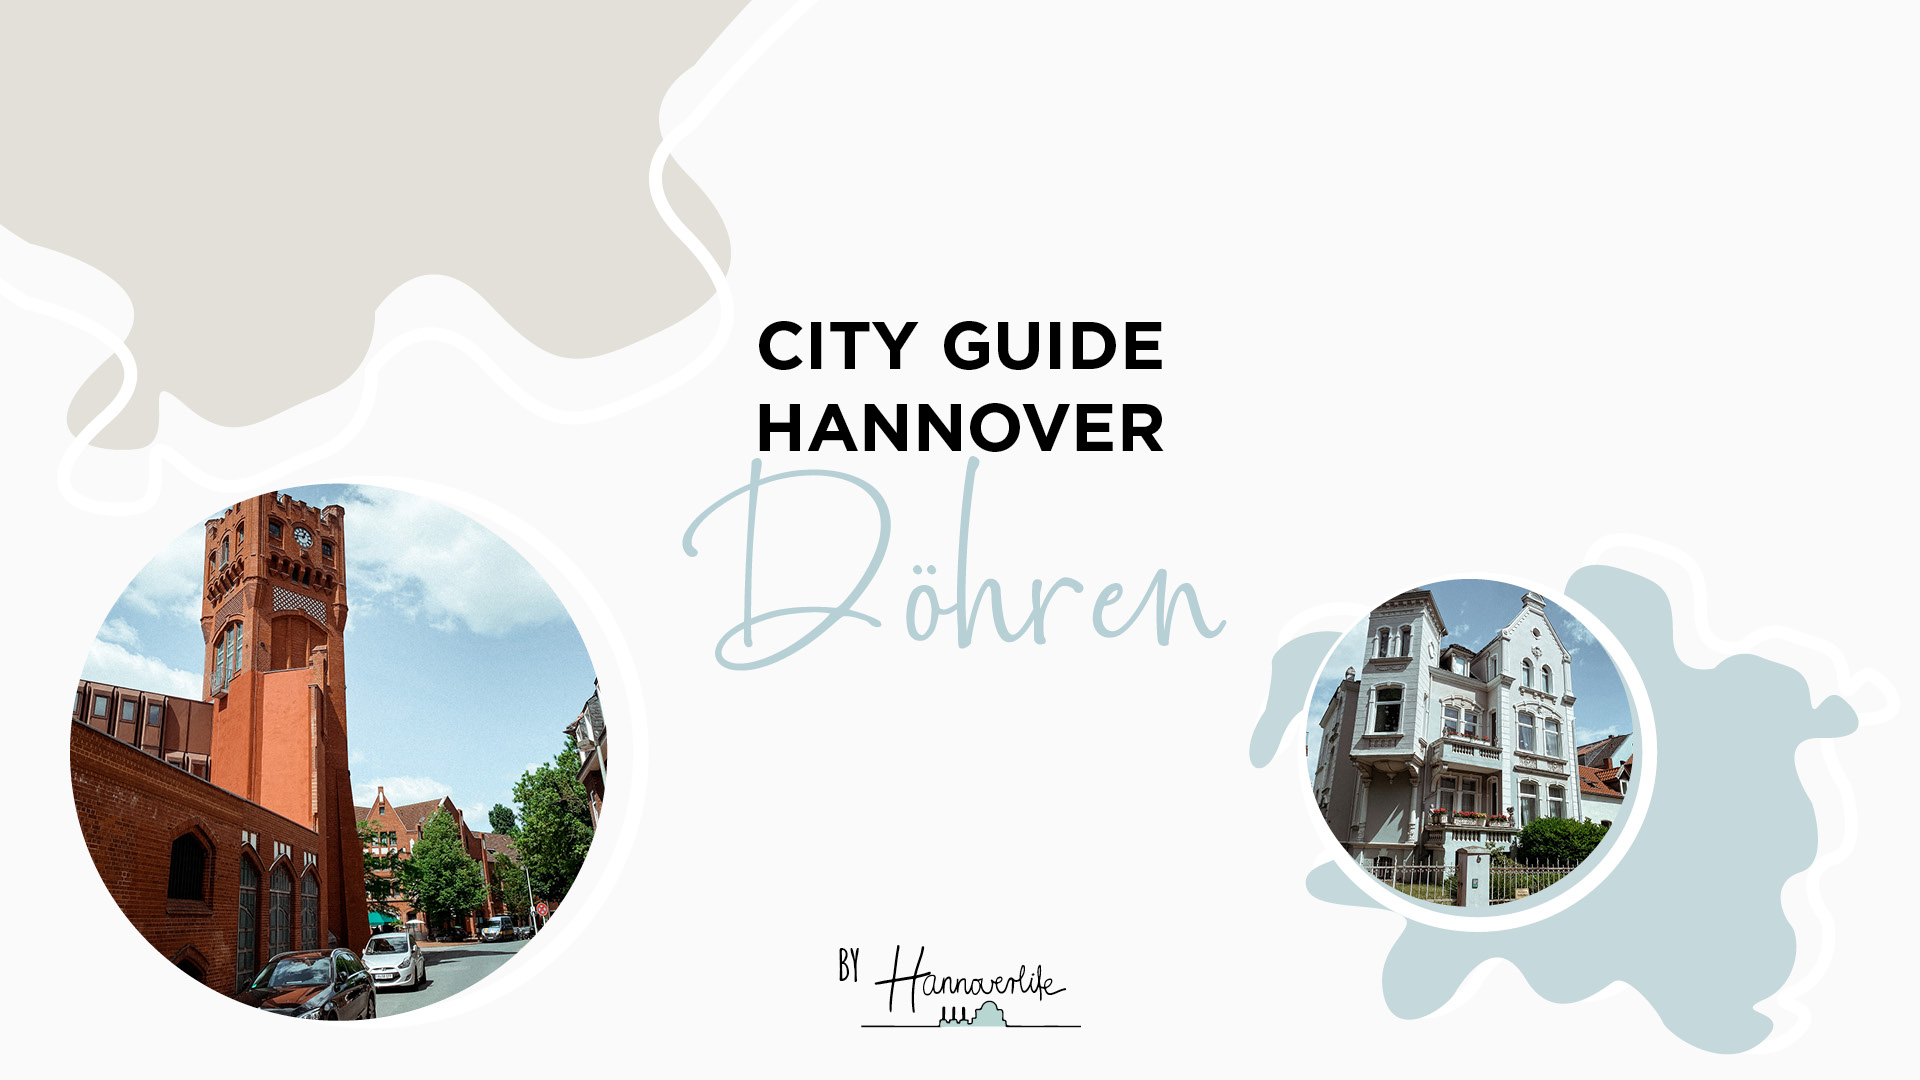 City Guide Döhren